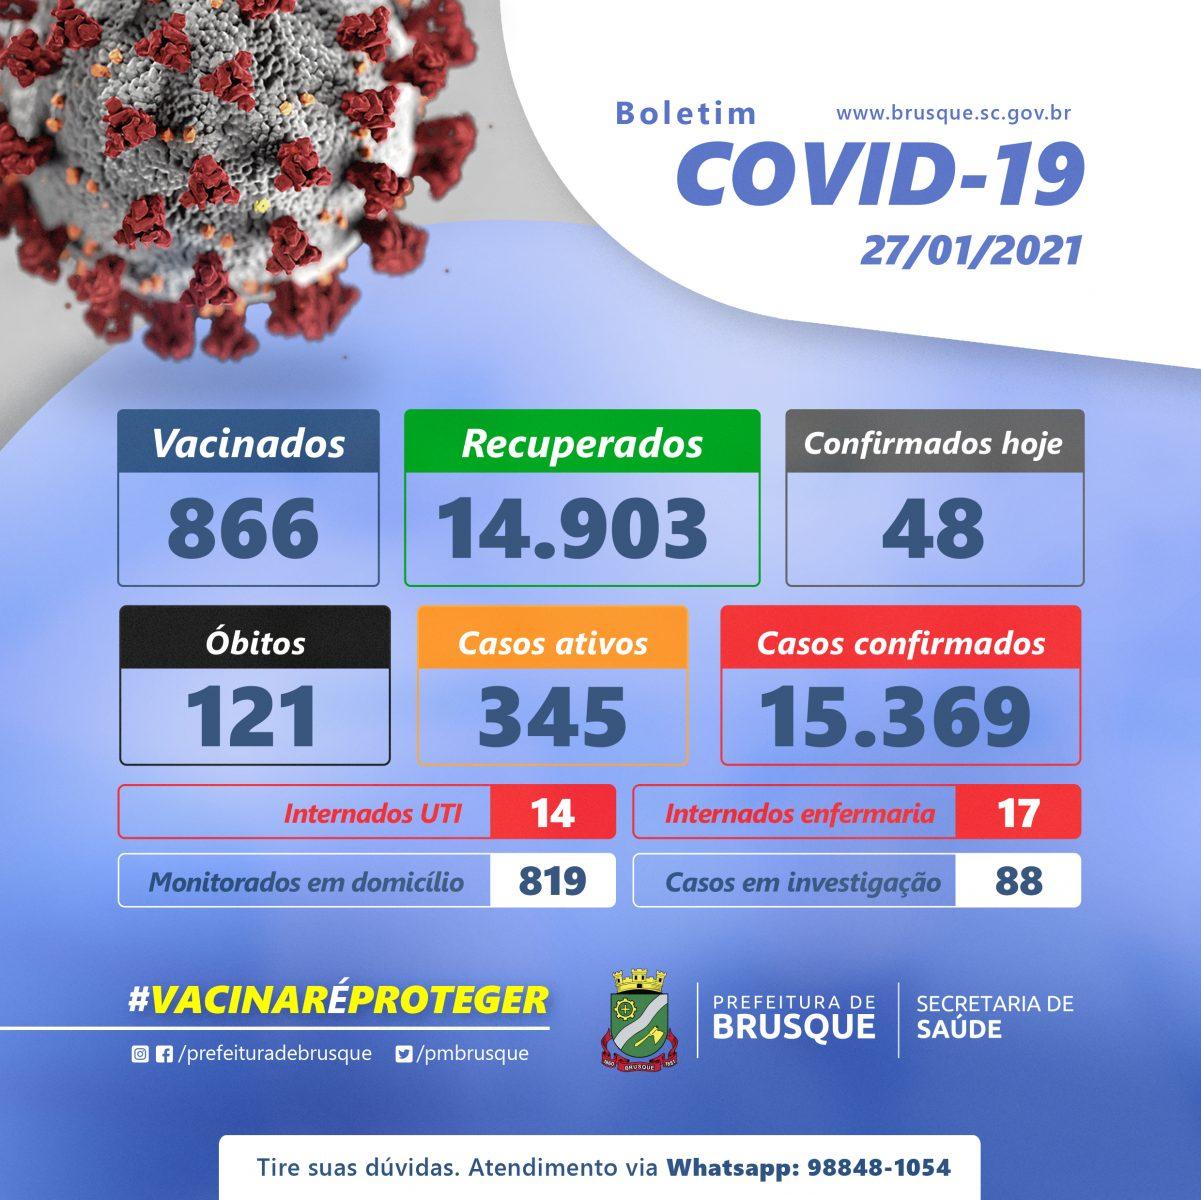 Covid-19: Confira o boletim epidemiológico desta quarta-feira (27)